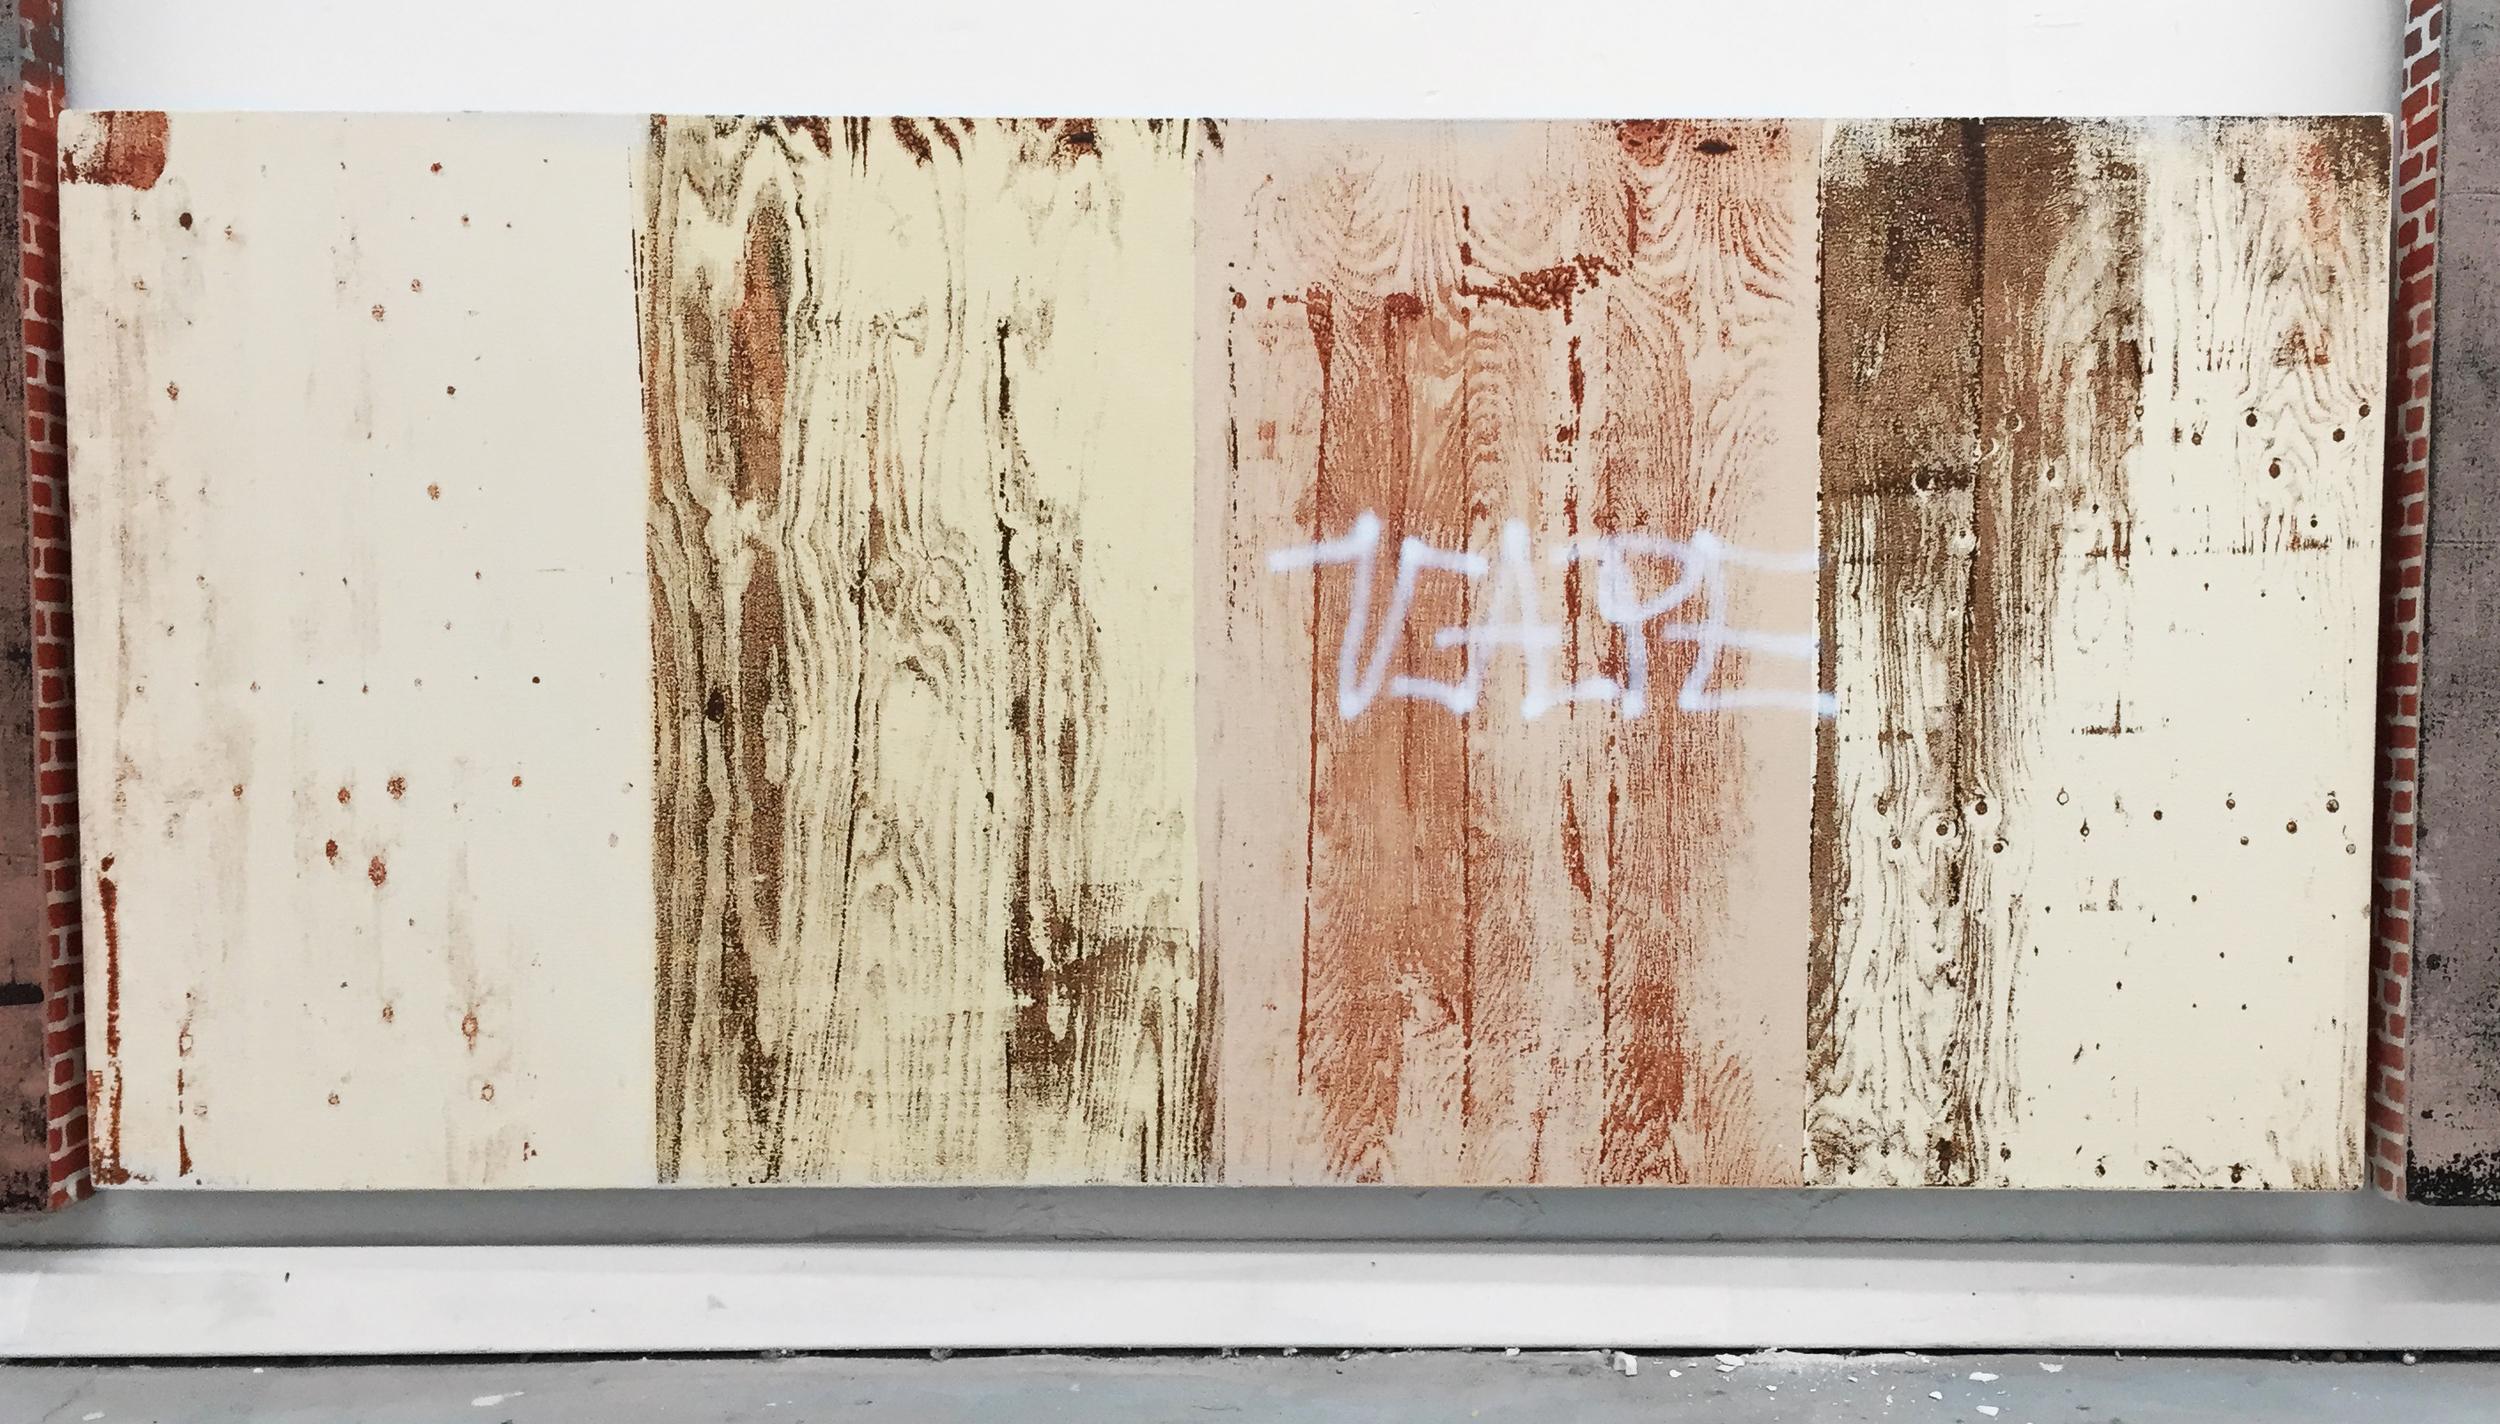 Pentti Monkkonen, Plywood Wall (Vape) , 2014,acrylic on canvas,20 x 43 in